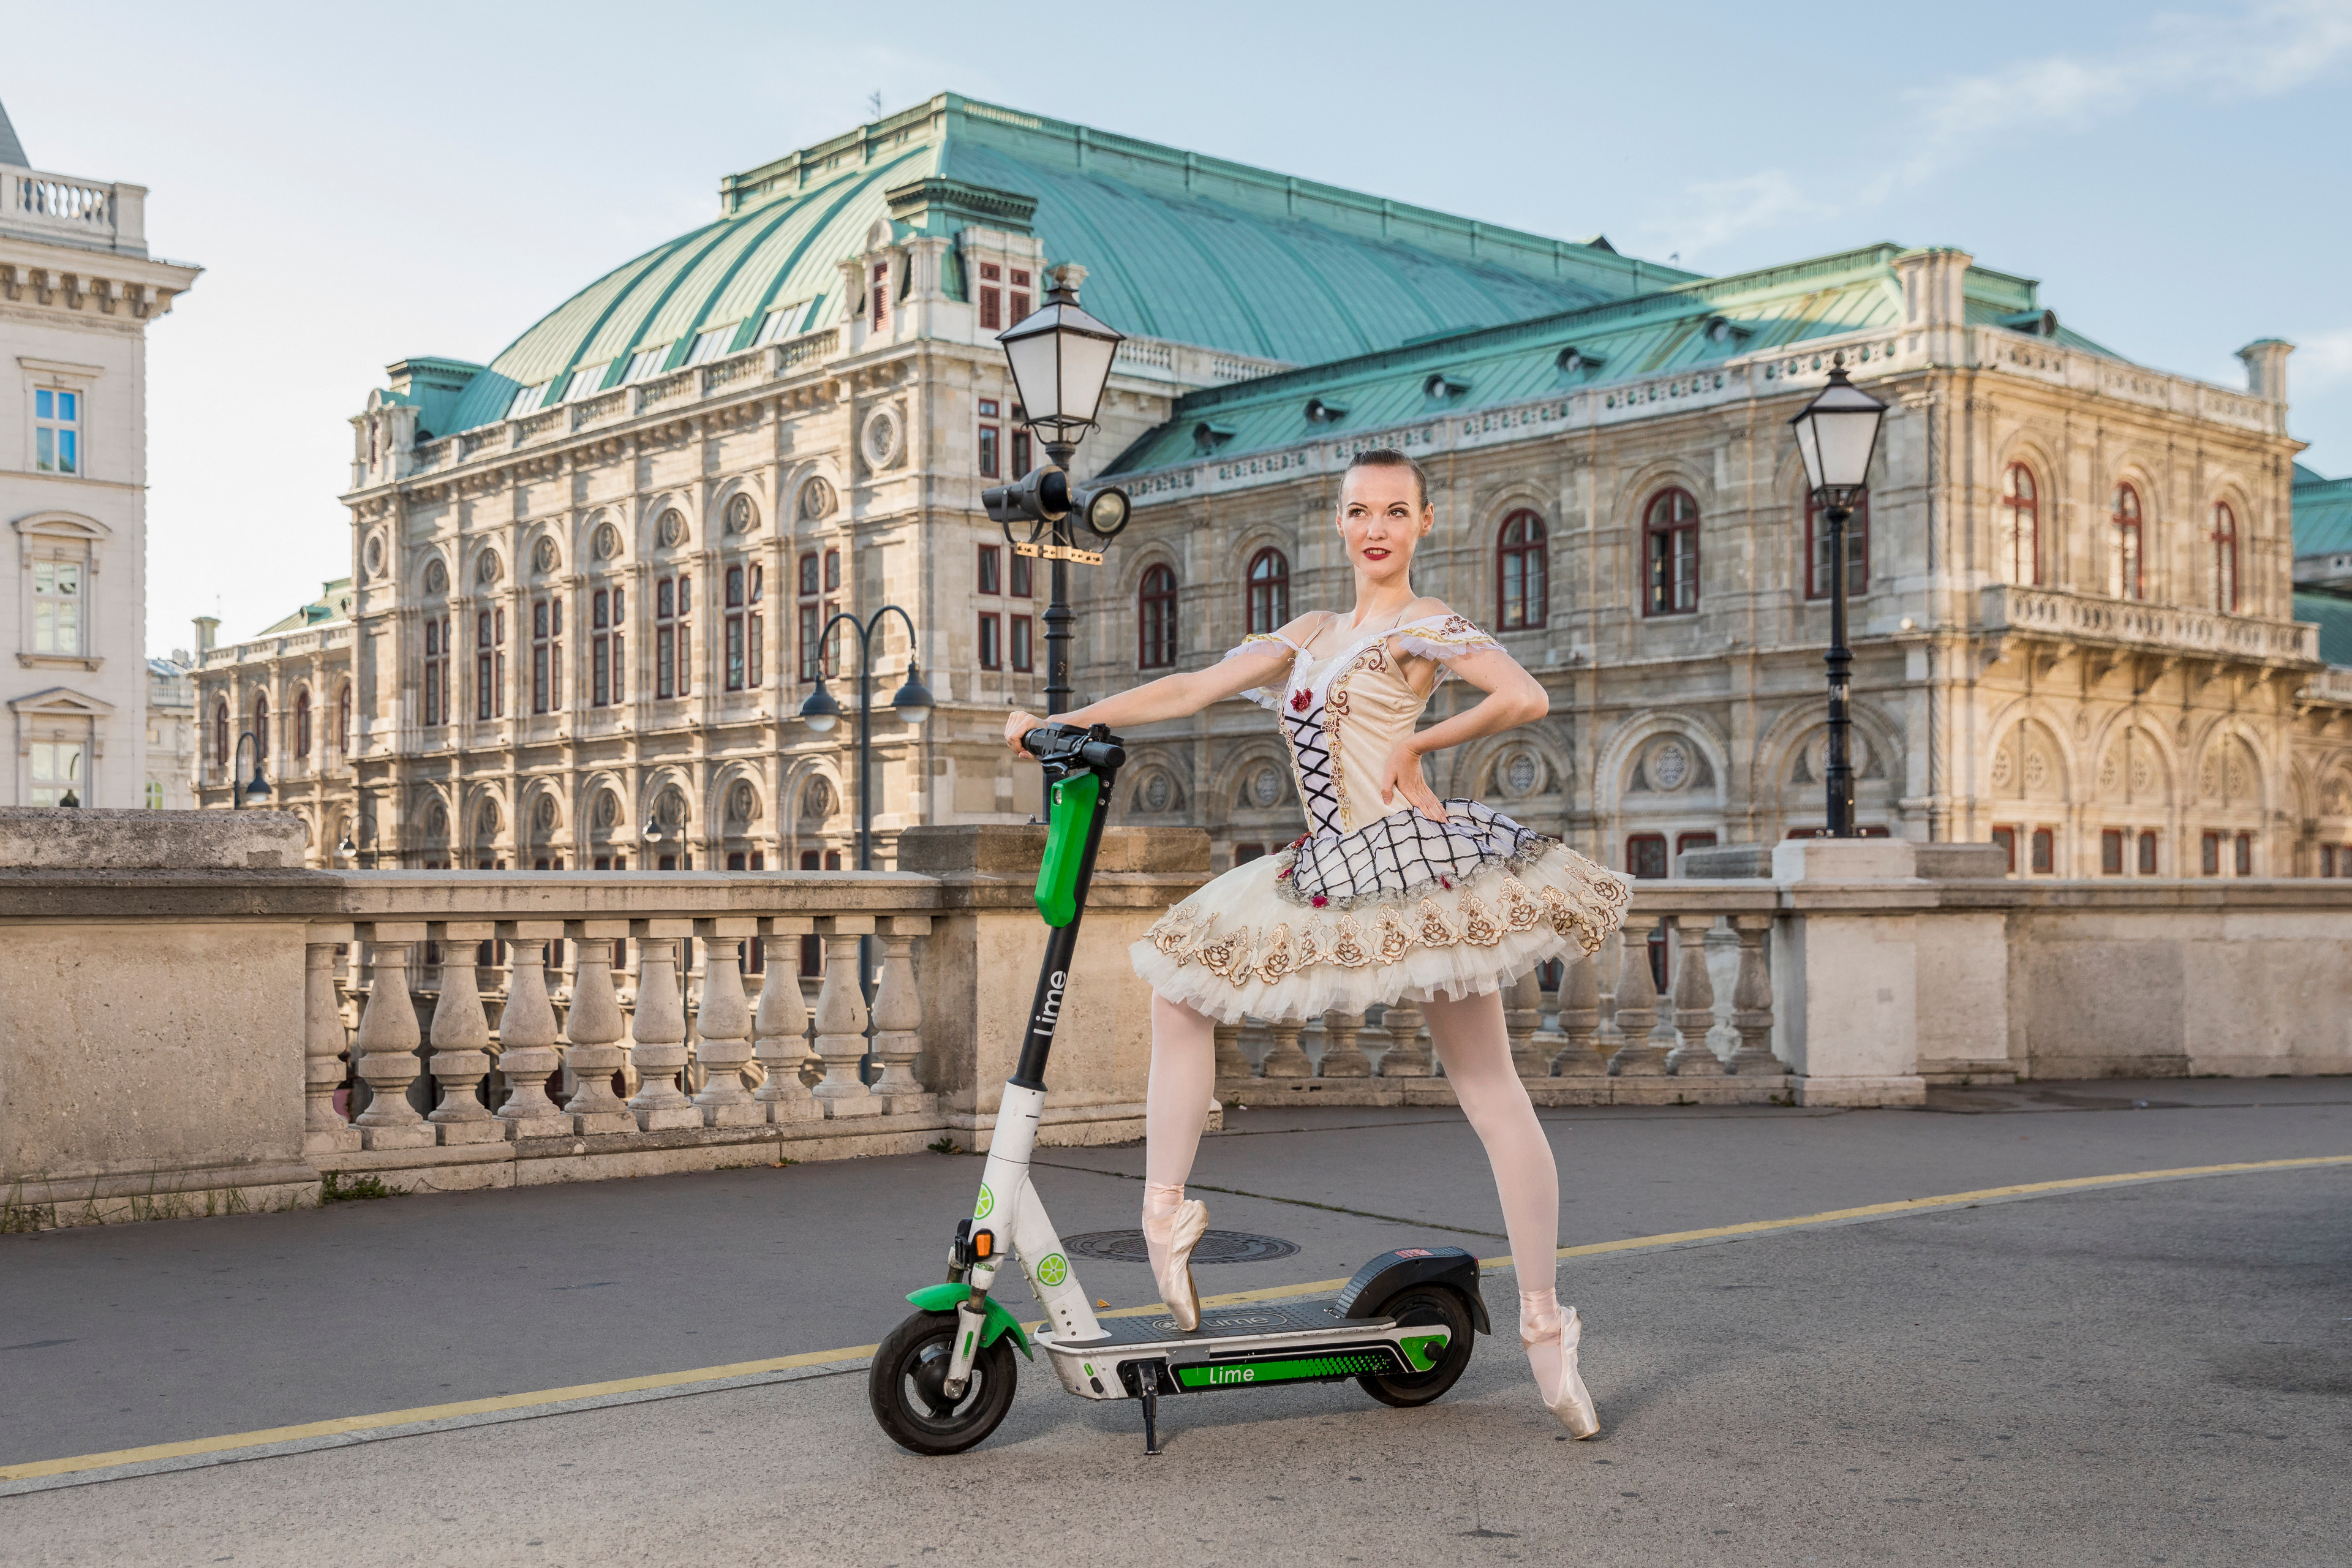 ,房屋,Anastasia, Kick scooter,姿勢,芭蕾舞,街燈,年輕女性,建筑物,女孩,